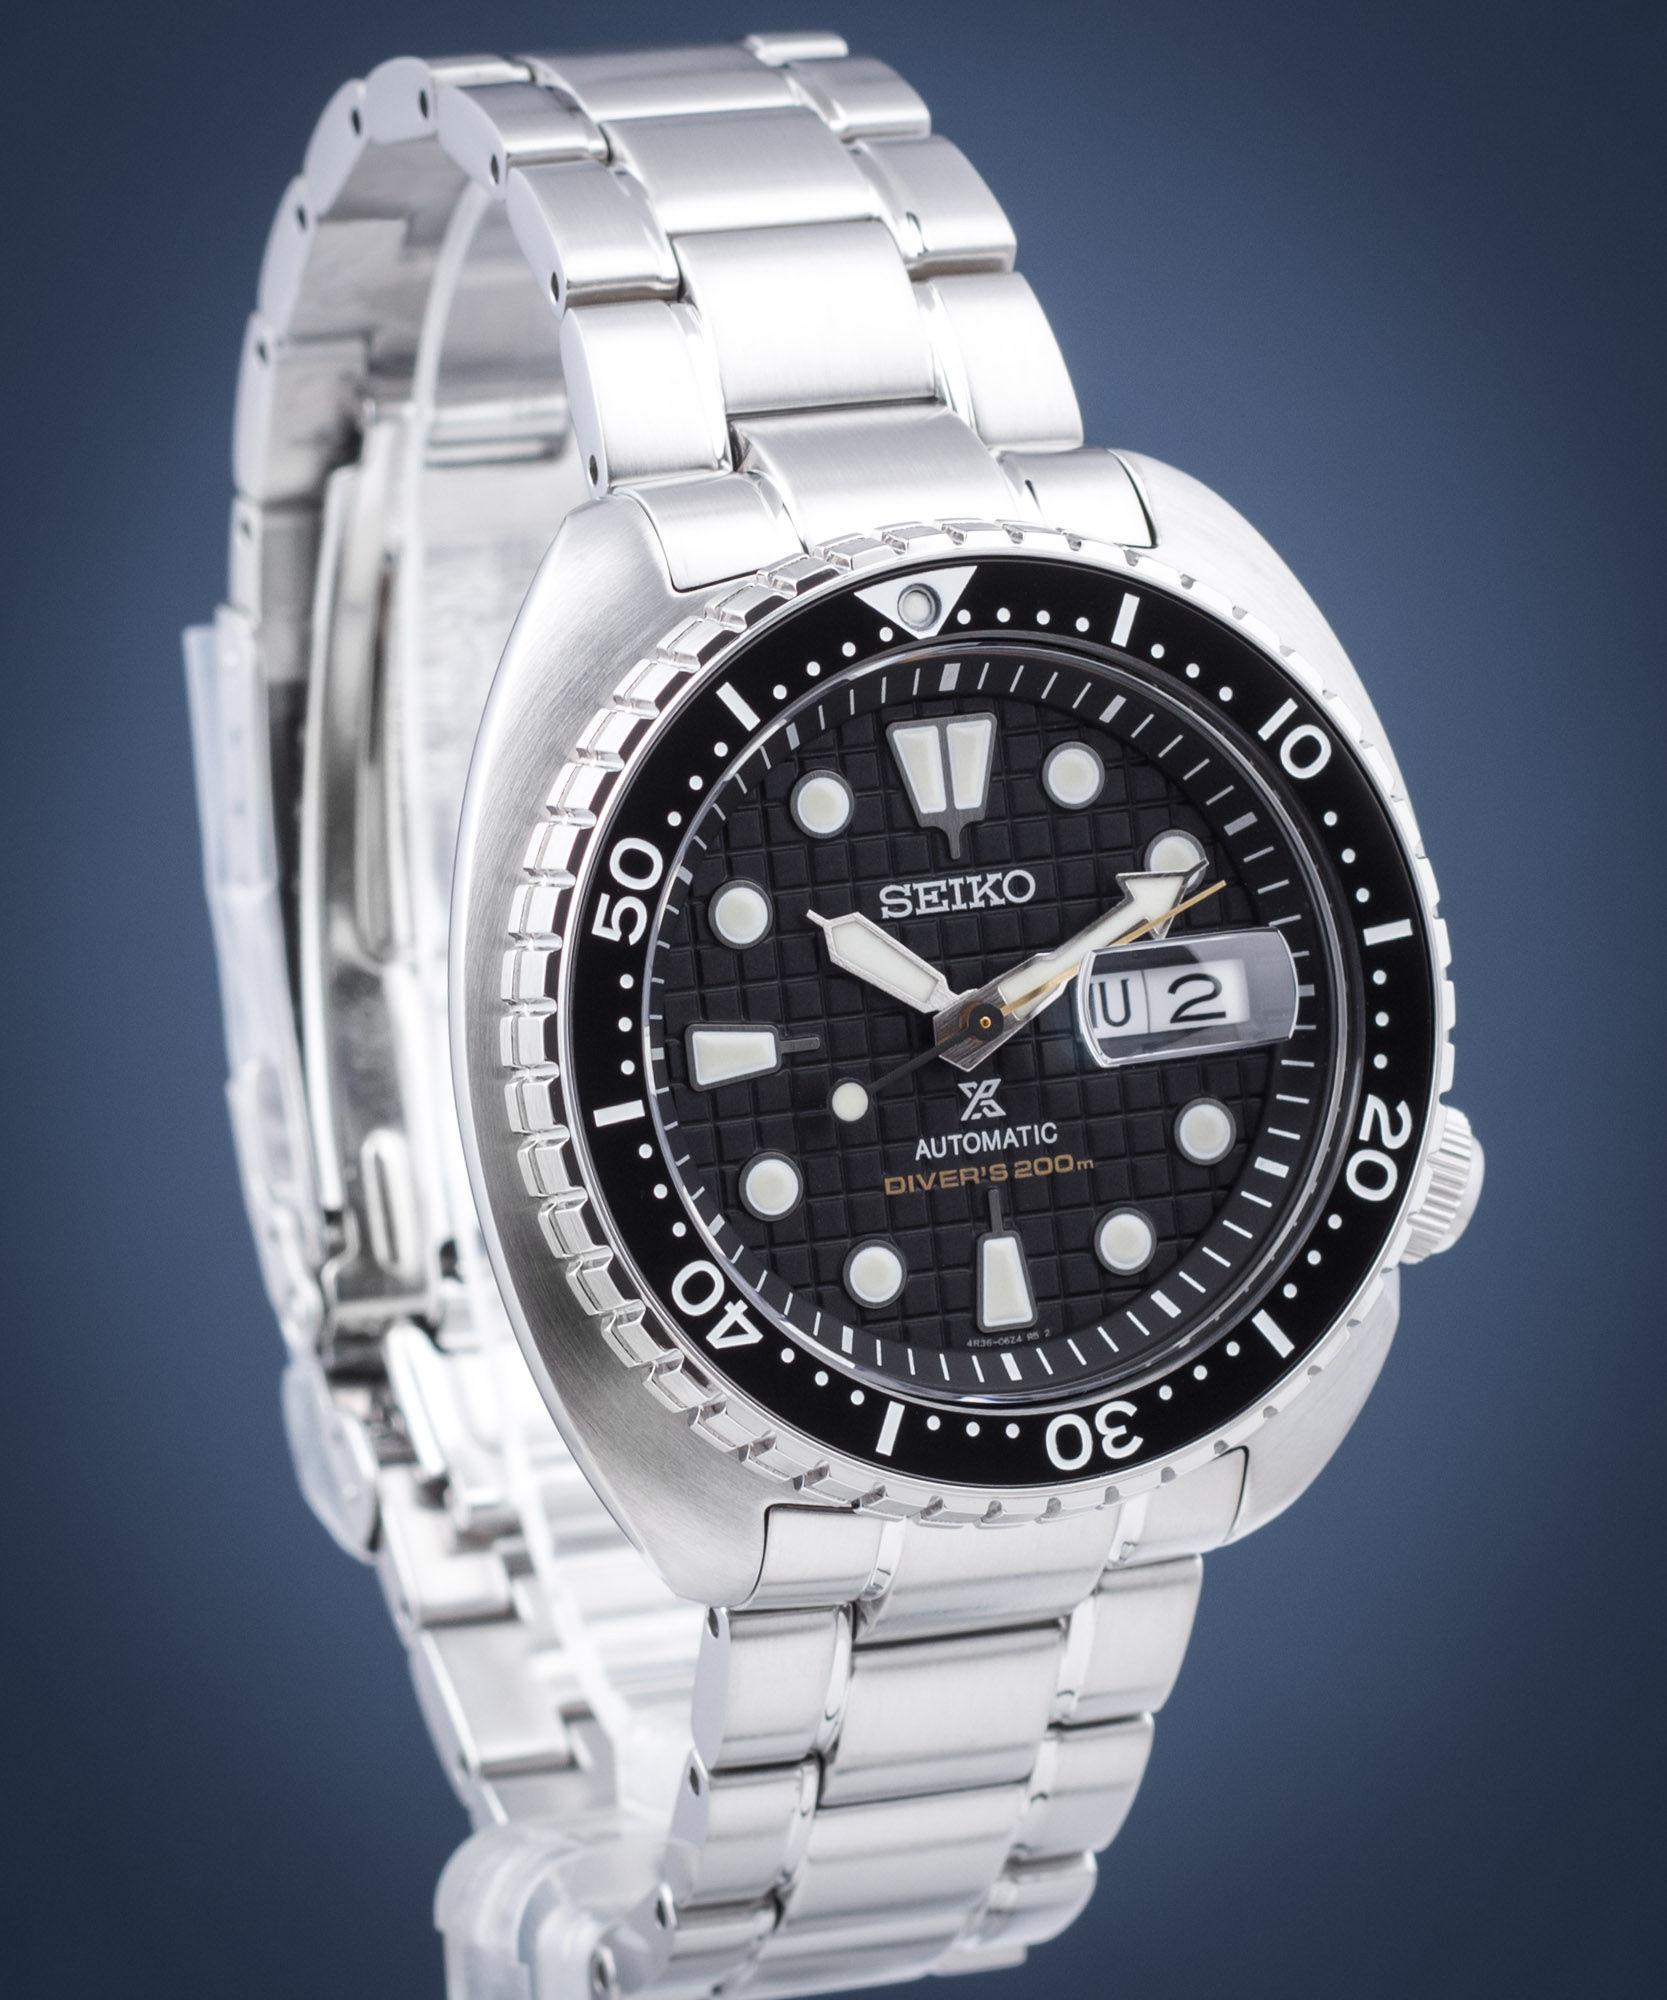 Zegarek męski Seiko Prospex King Turtle Diver Automatic